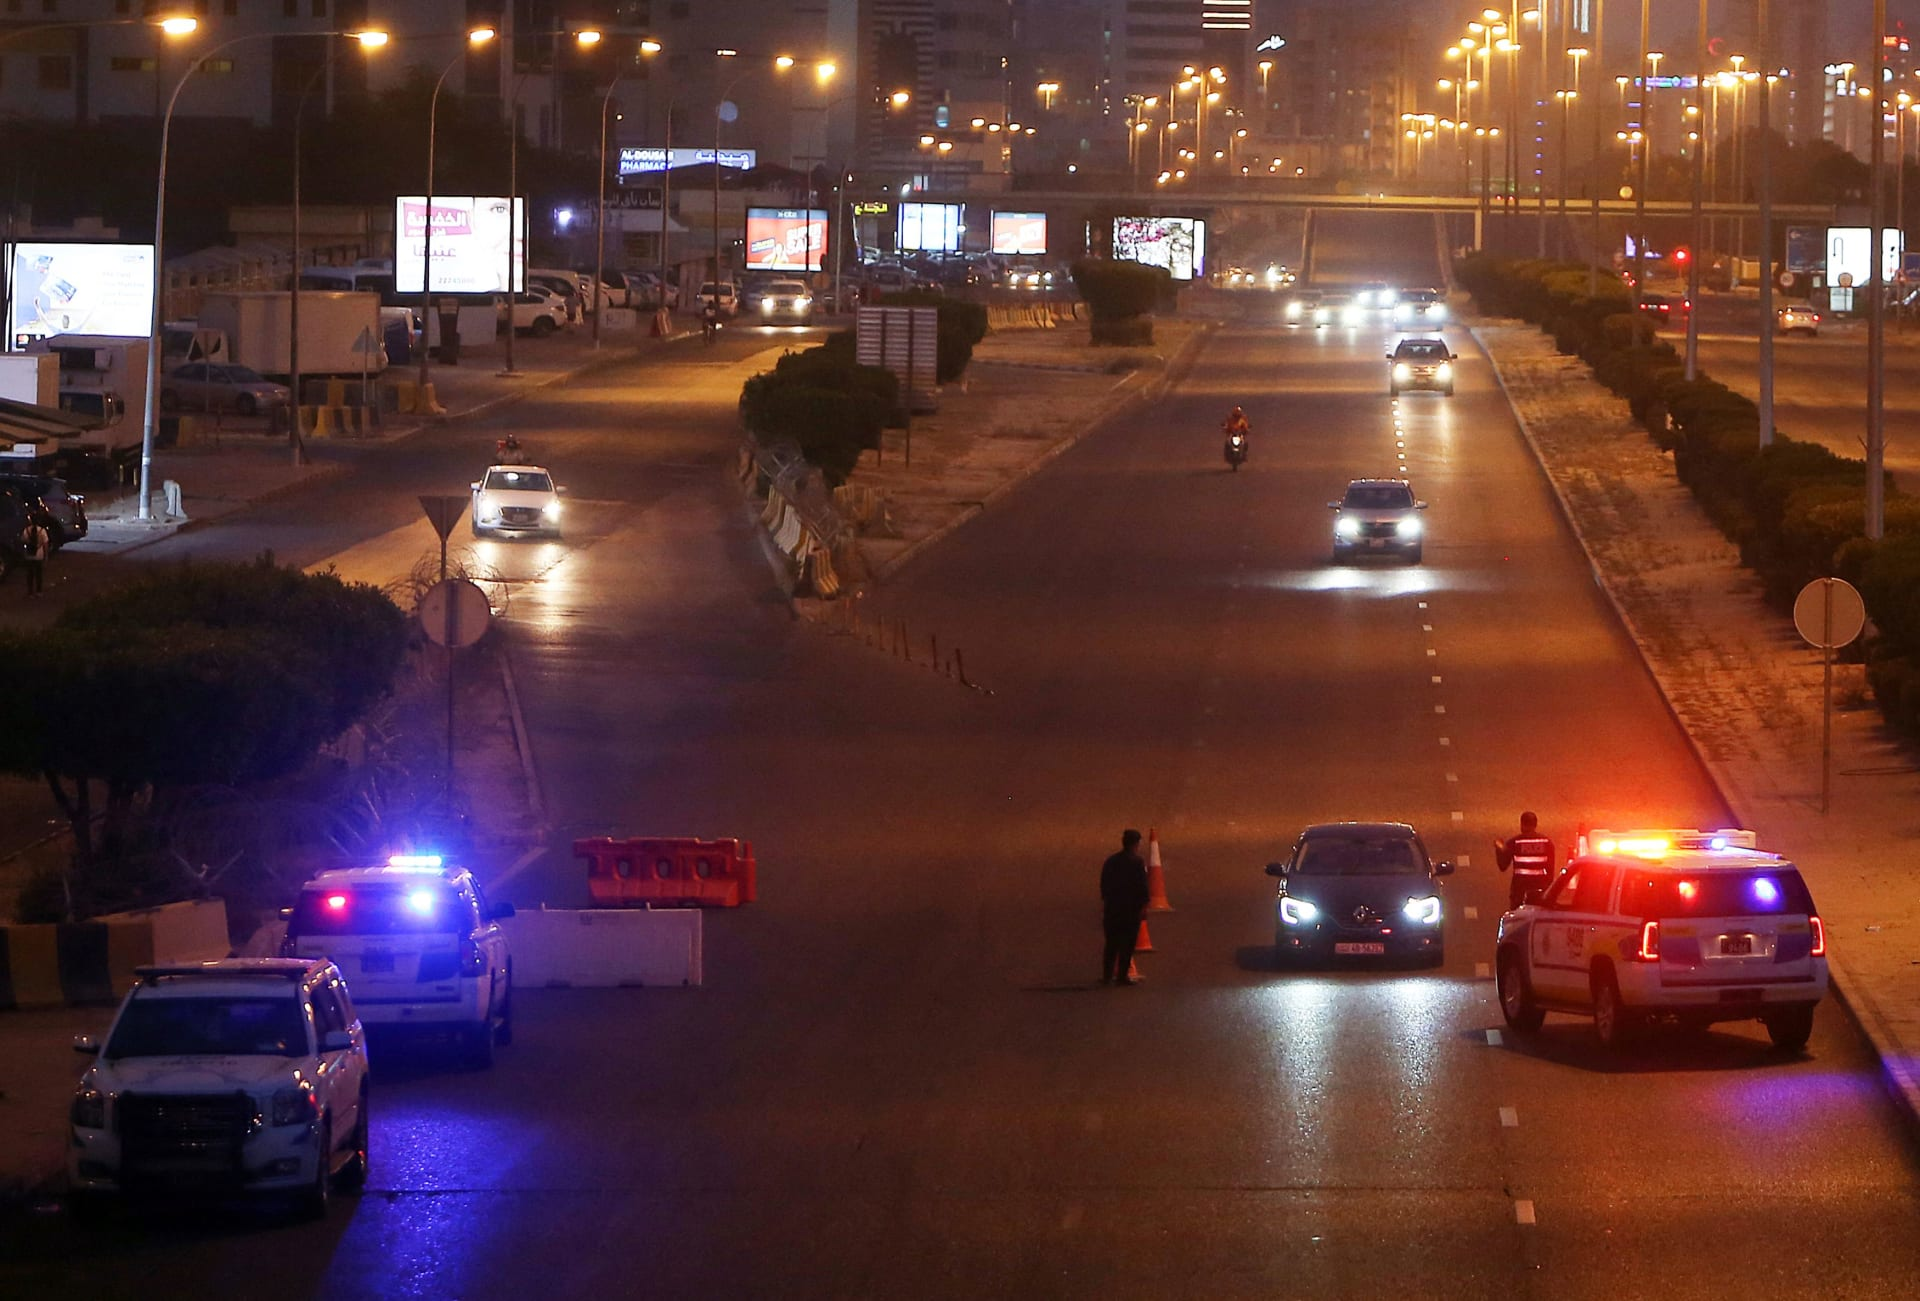 غضب شعب كويتي إثر جريمة خطف وقتل مواطنة.. والداخلية تعلن القبض على الجاني